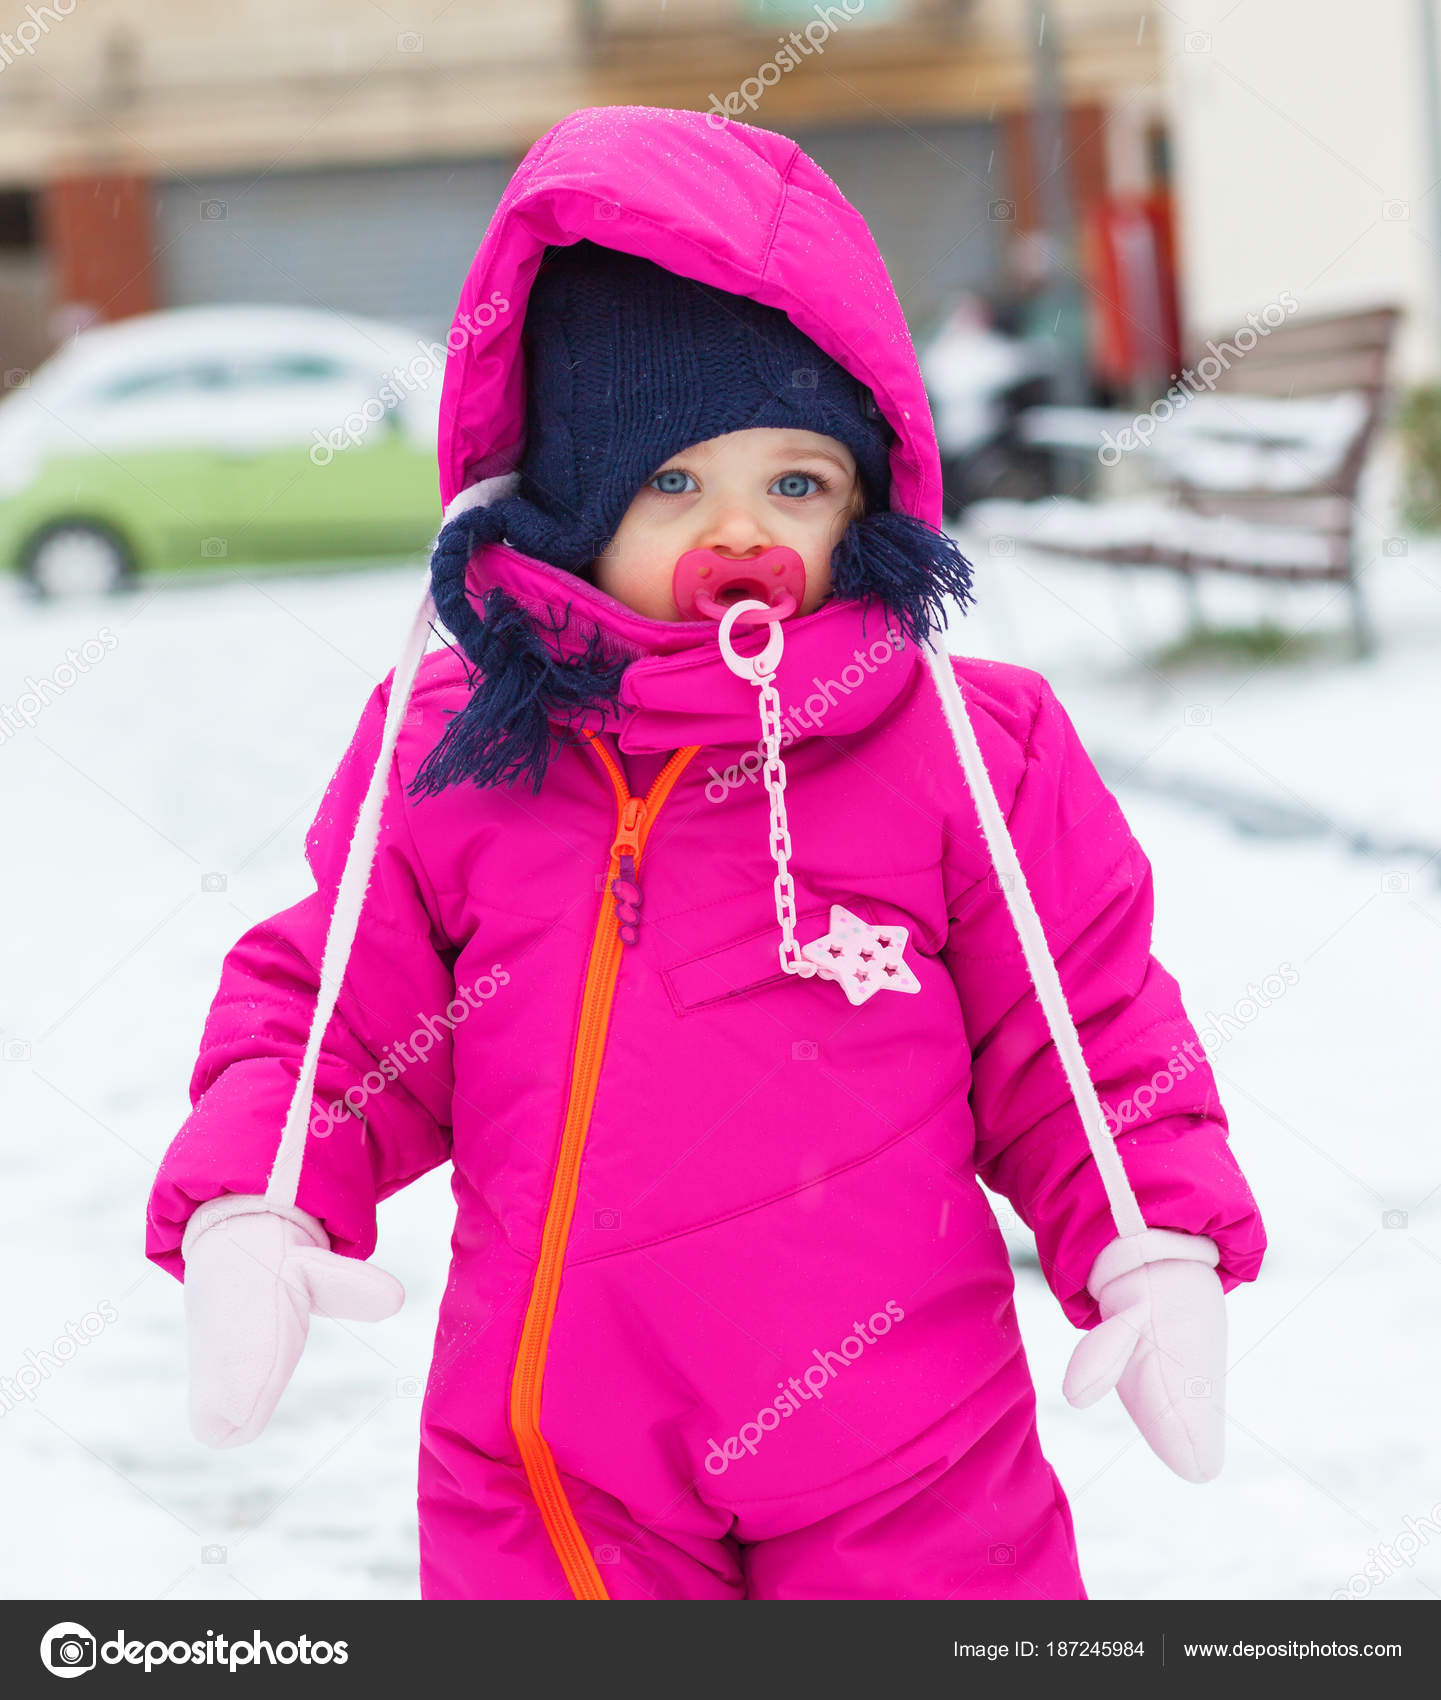 c606c6c3d Meisje van de baby van de peuter in een pak van de magenta sneeuw ...